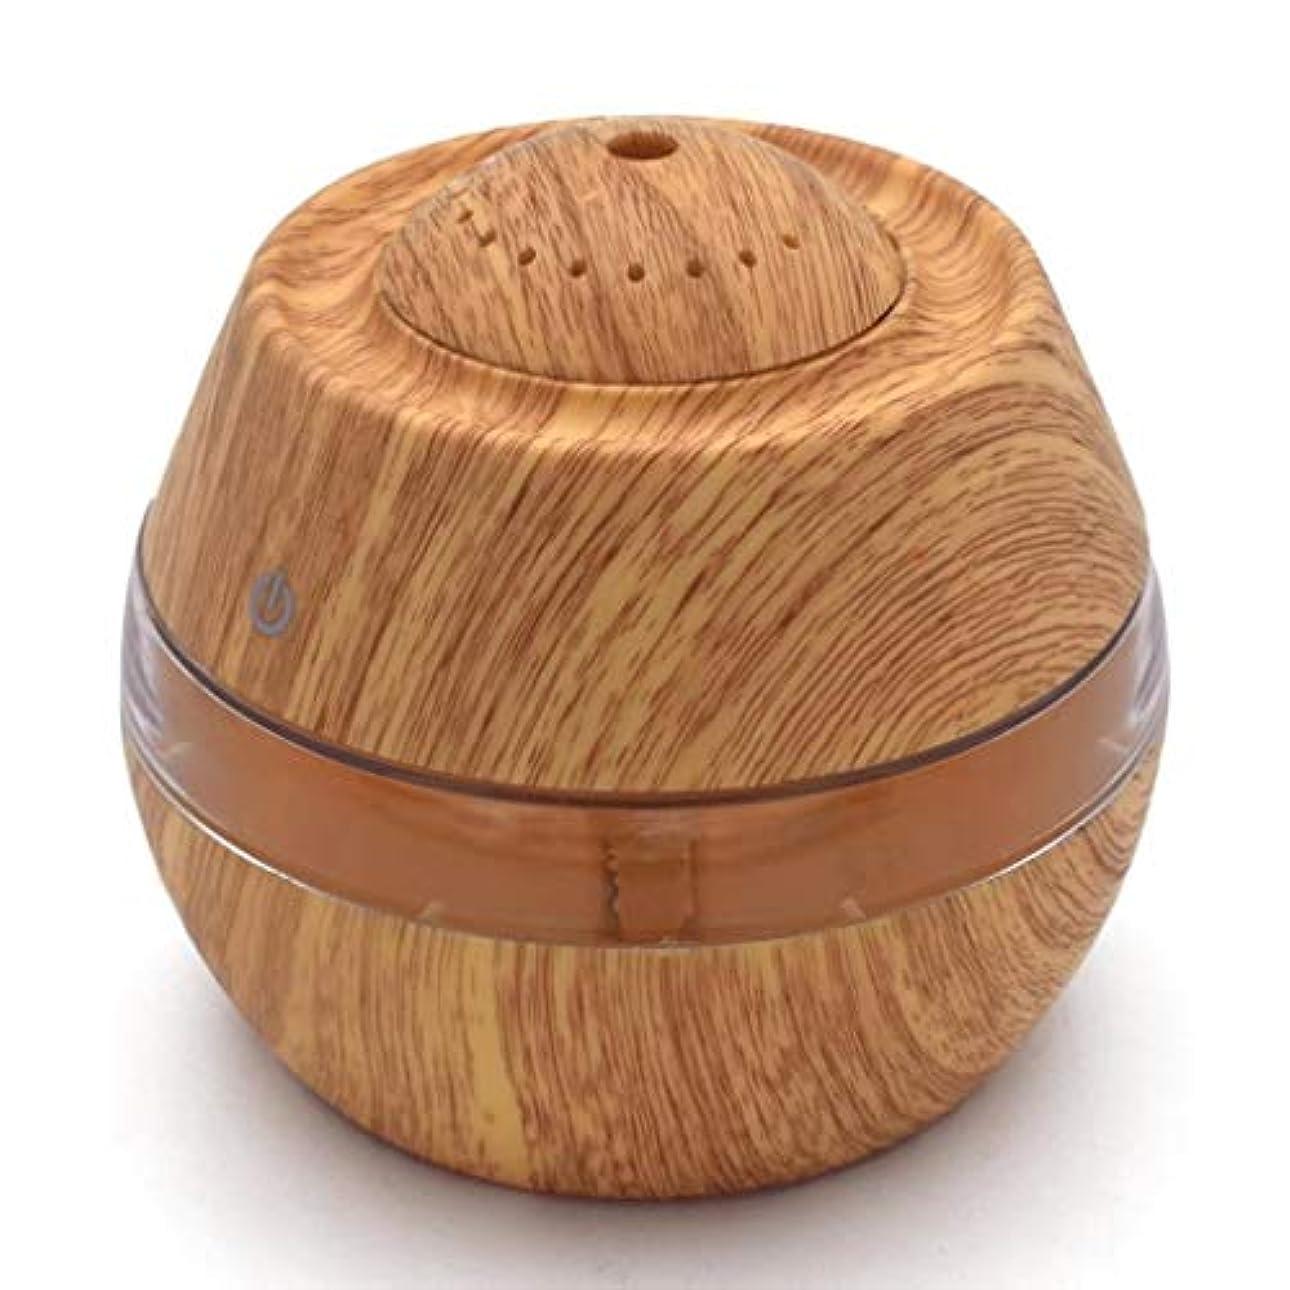 基準重大説明的オイルディフューザーエッセンシャルオイル300ミリリットルエッセンシャルオイルディフューザー電気超音波加湿器アロマ用ベビールームホームスパギフト用女性 (Color : Light Wood Grain)